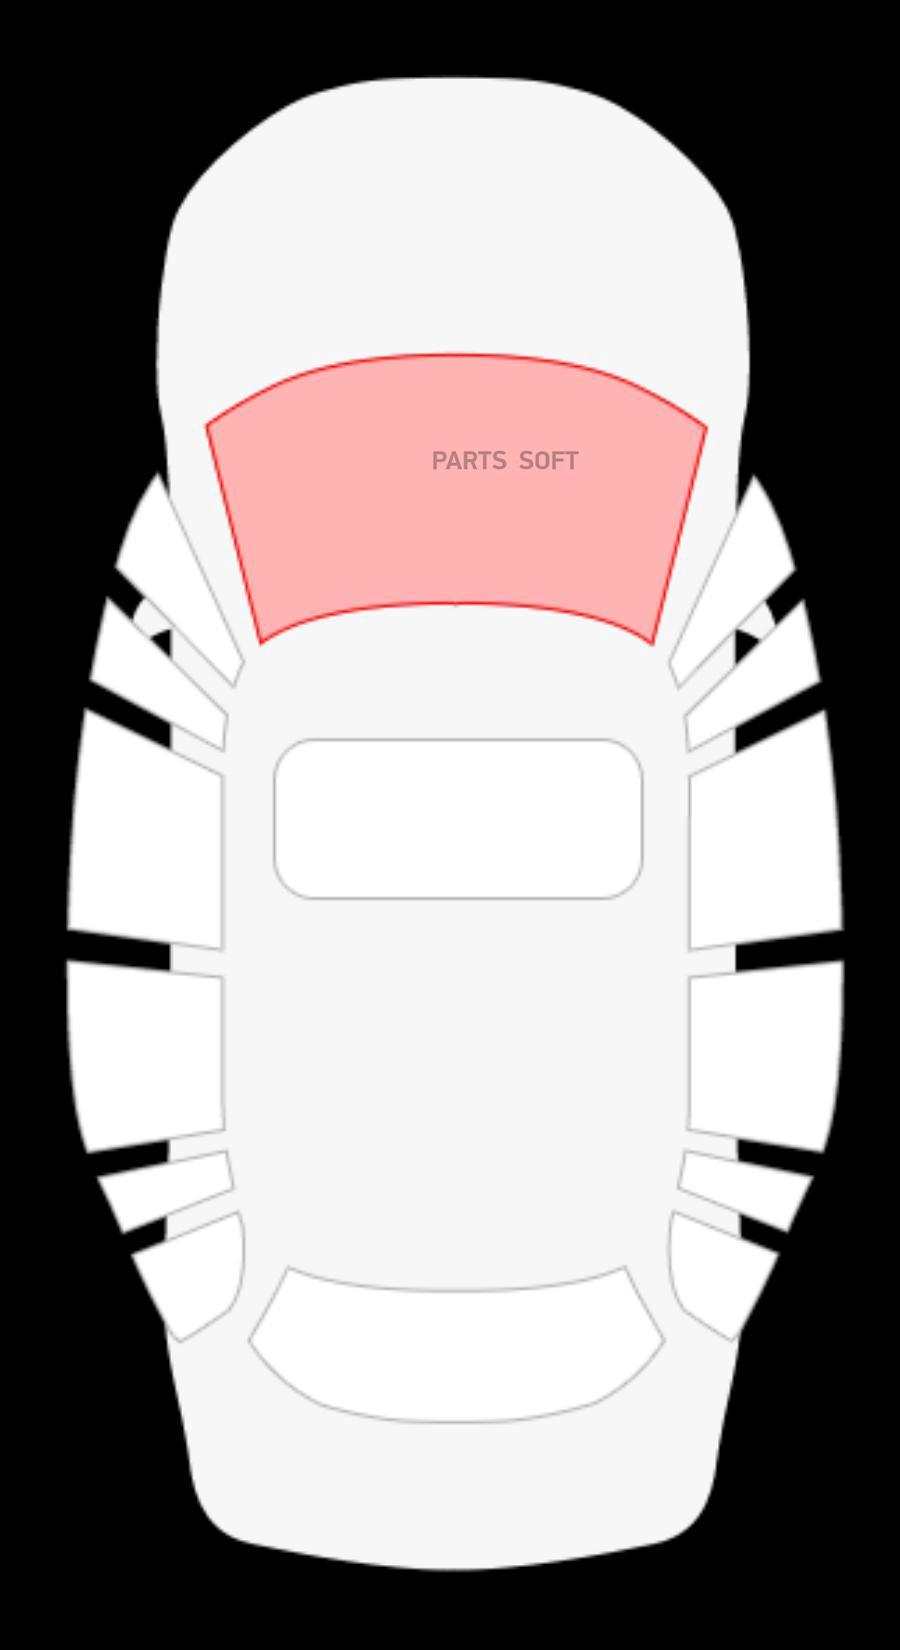 Suzuki Escudo I / Vitara I / Chevrolet Tracker I / Sidekick 3/5D Suv